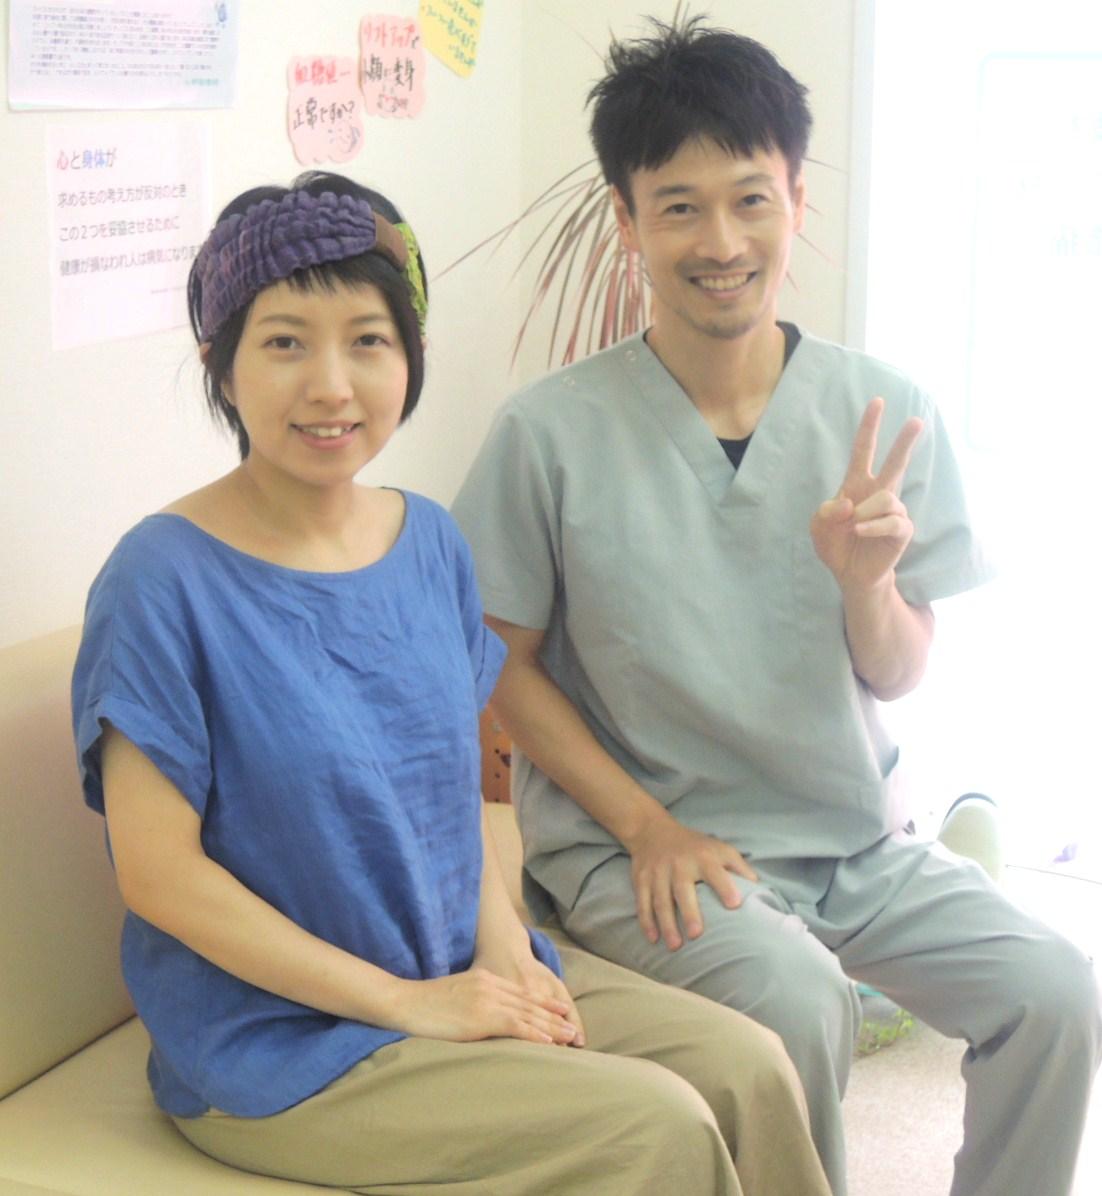 産後の骨盤矯正 神戸市垂水区  Aさま 神戸垂水整体院